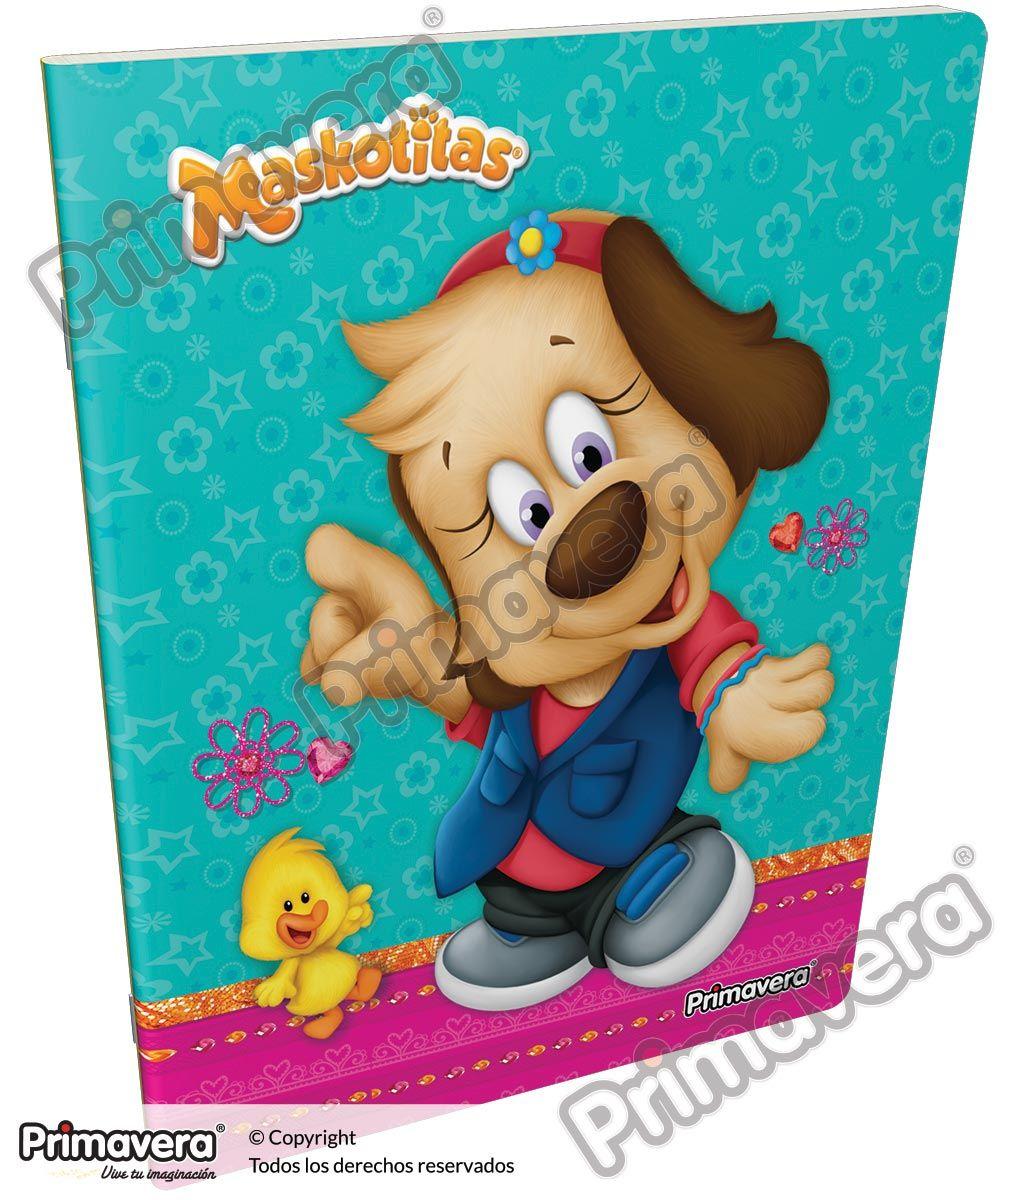 Cuaderno Grapado Maskotitas http://escolar.papelesprimavera.com/product/cuaderno-grapado-maskotitas-primavera-4/